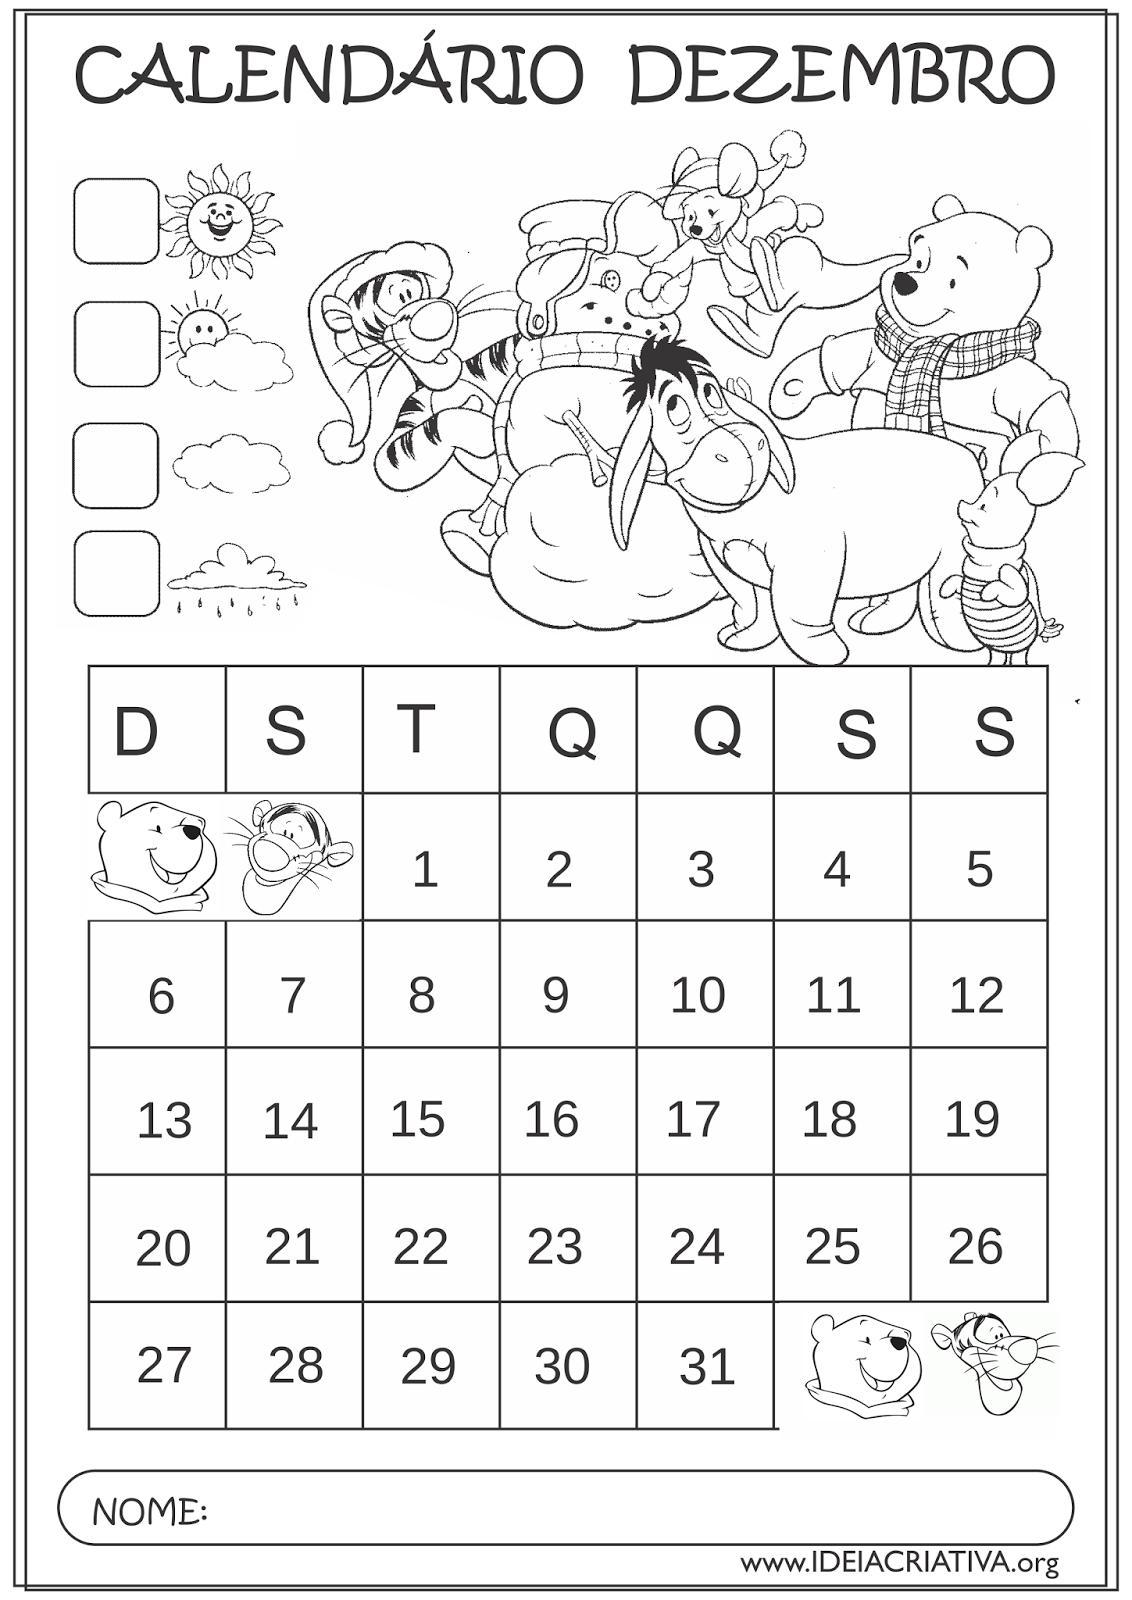 Calendários Dezembro 2015 Turma do Pooh Natal Colorir